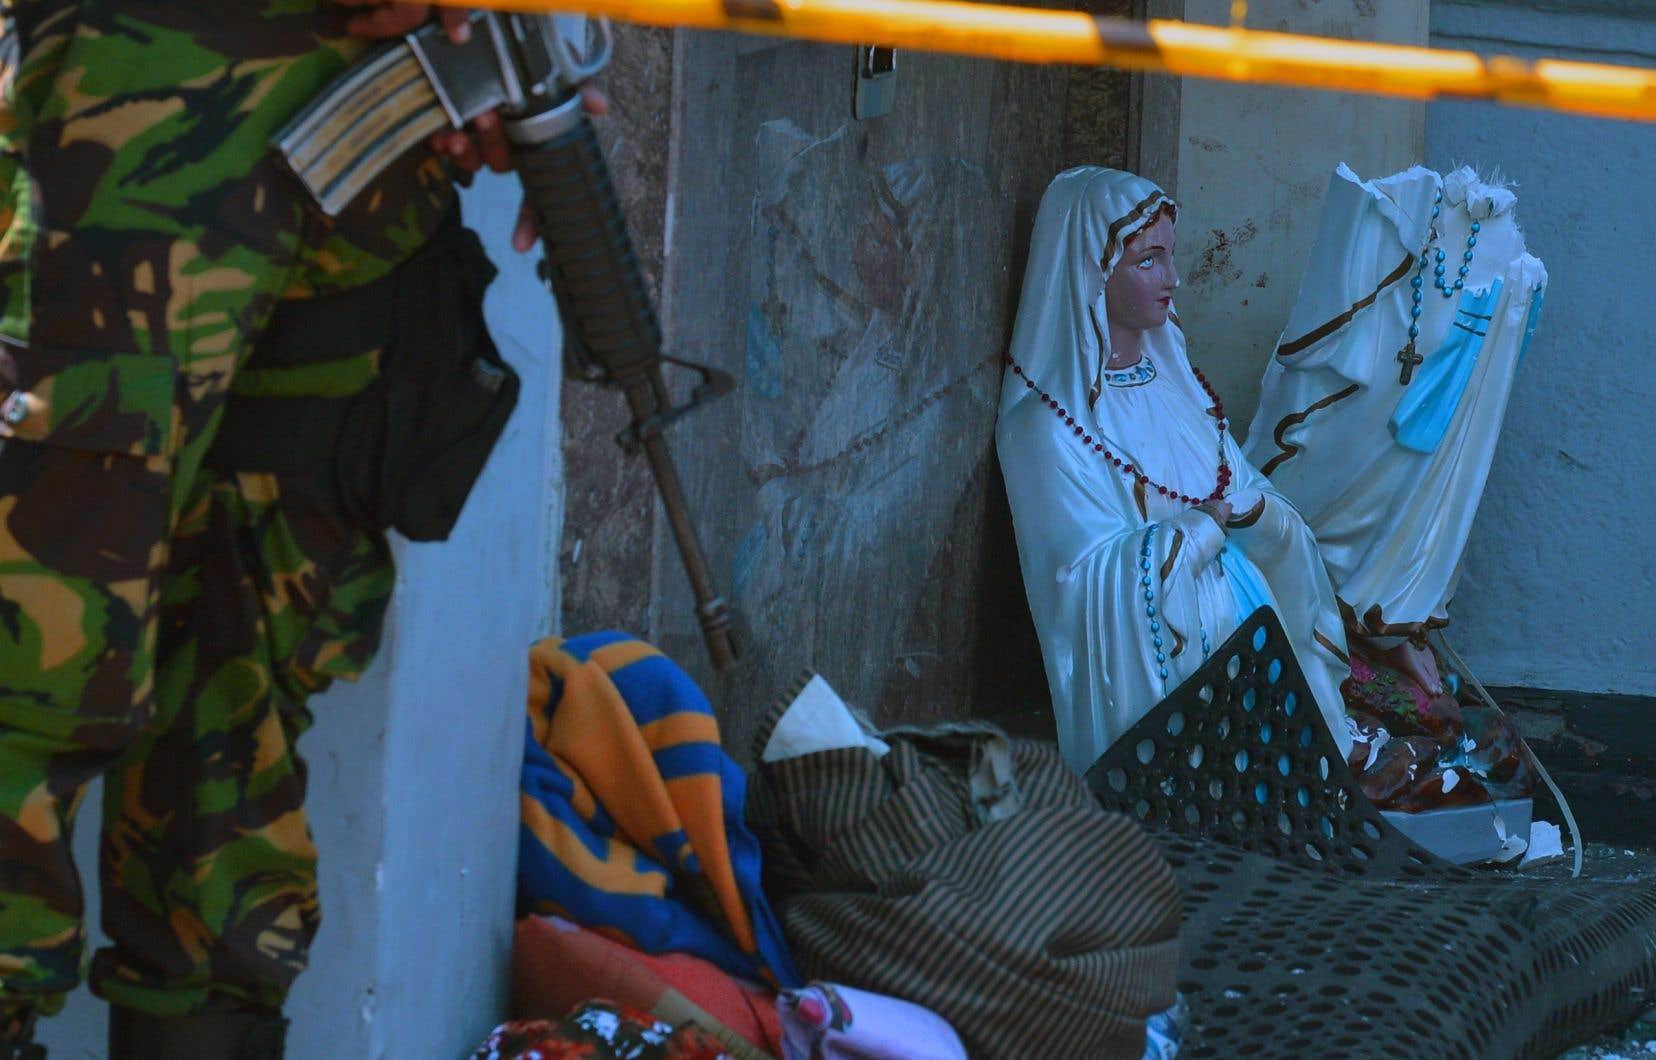 Huit explosions au total, non revendiquées, se sont produites dimanche au Sri Lanka, contre des hôtels de luxe et des églises remplies pour la messe de Pâques.